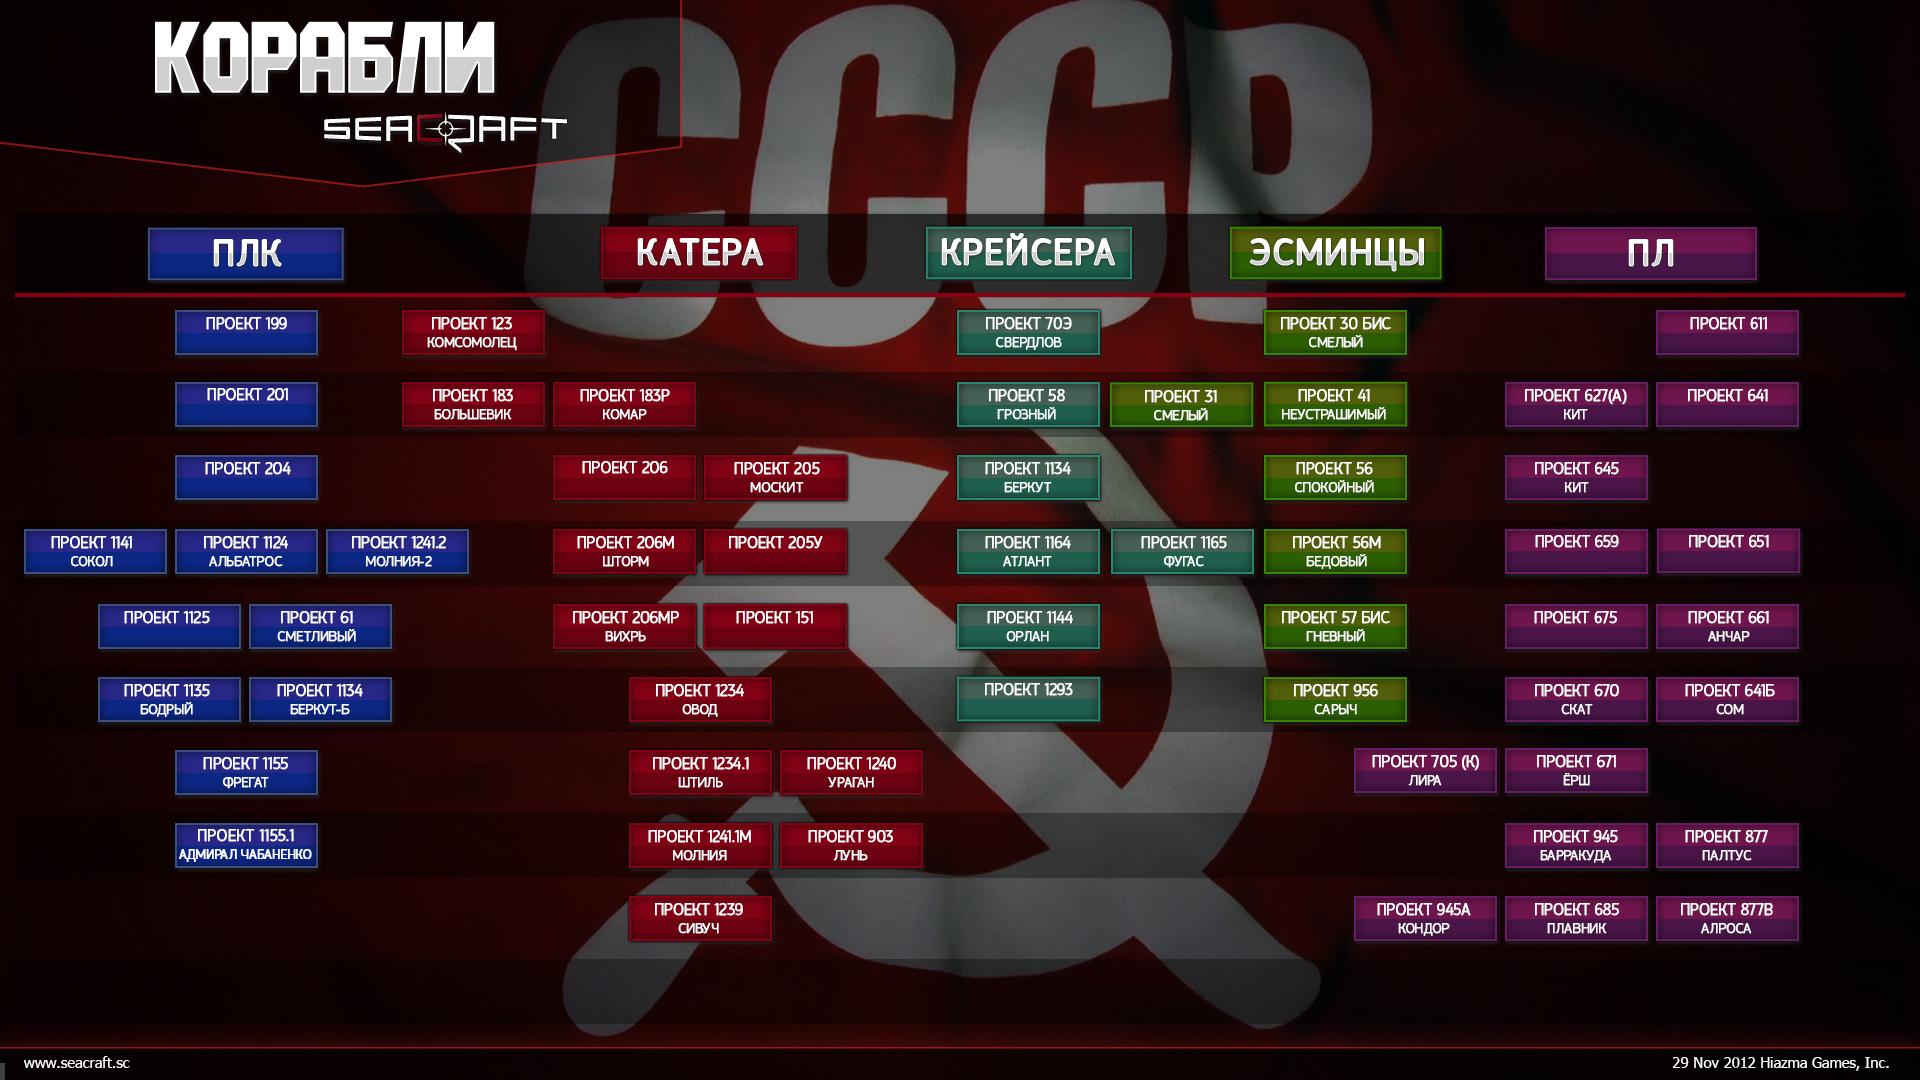 seacraft_ru_ShipTree_USSR.jpg